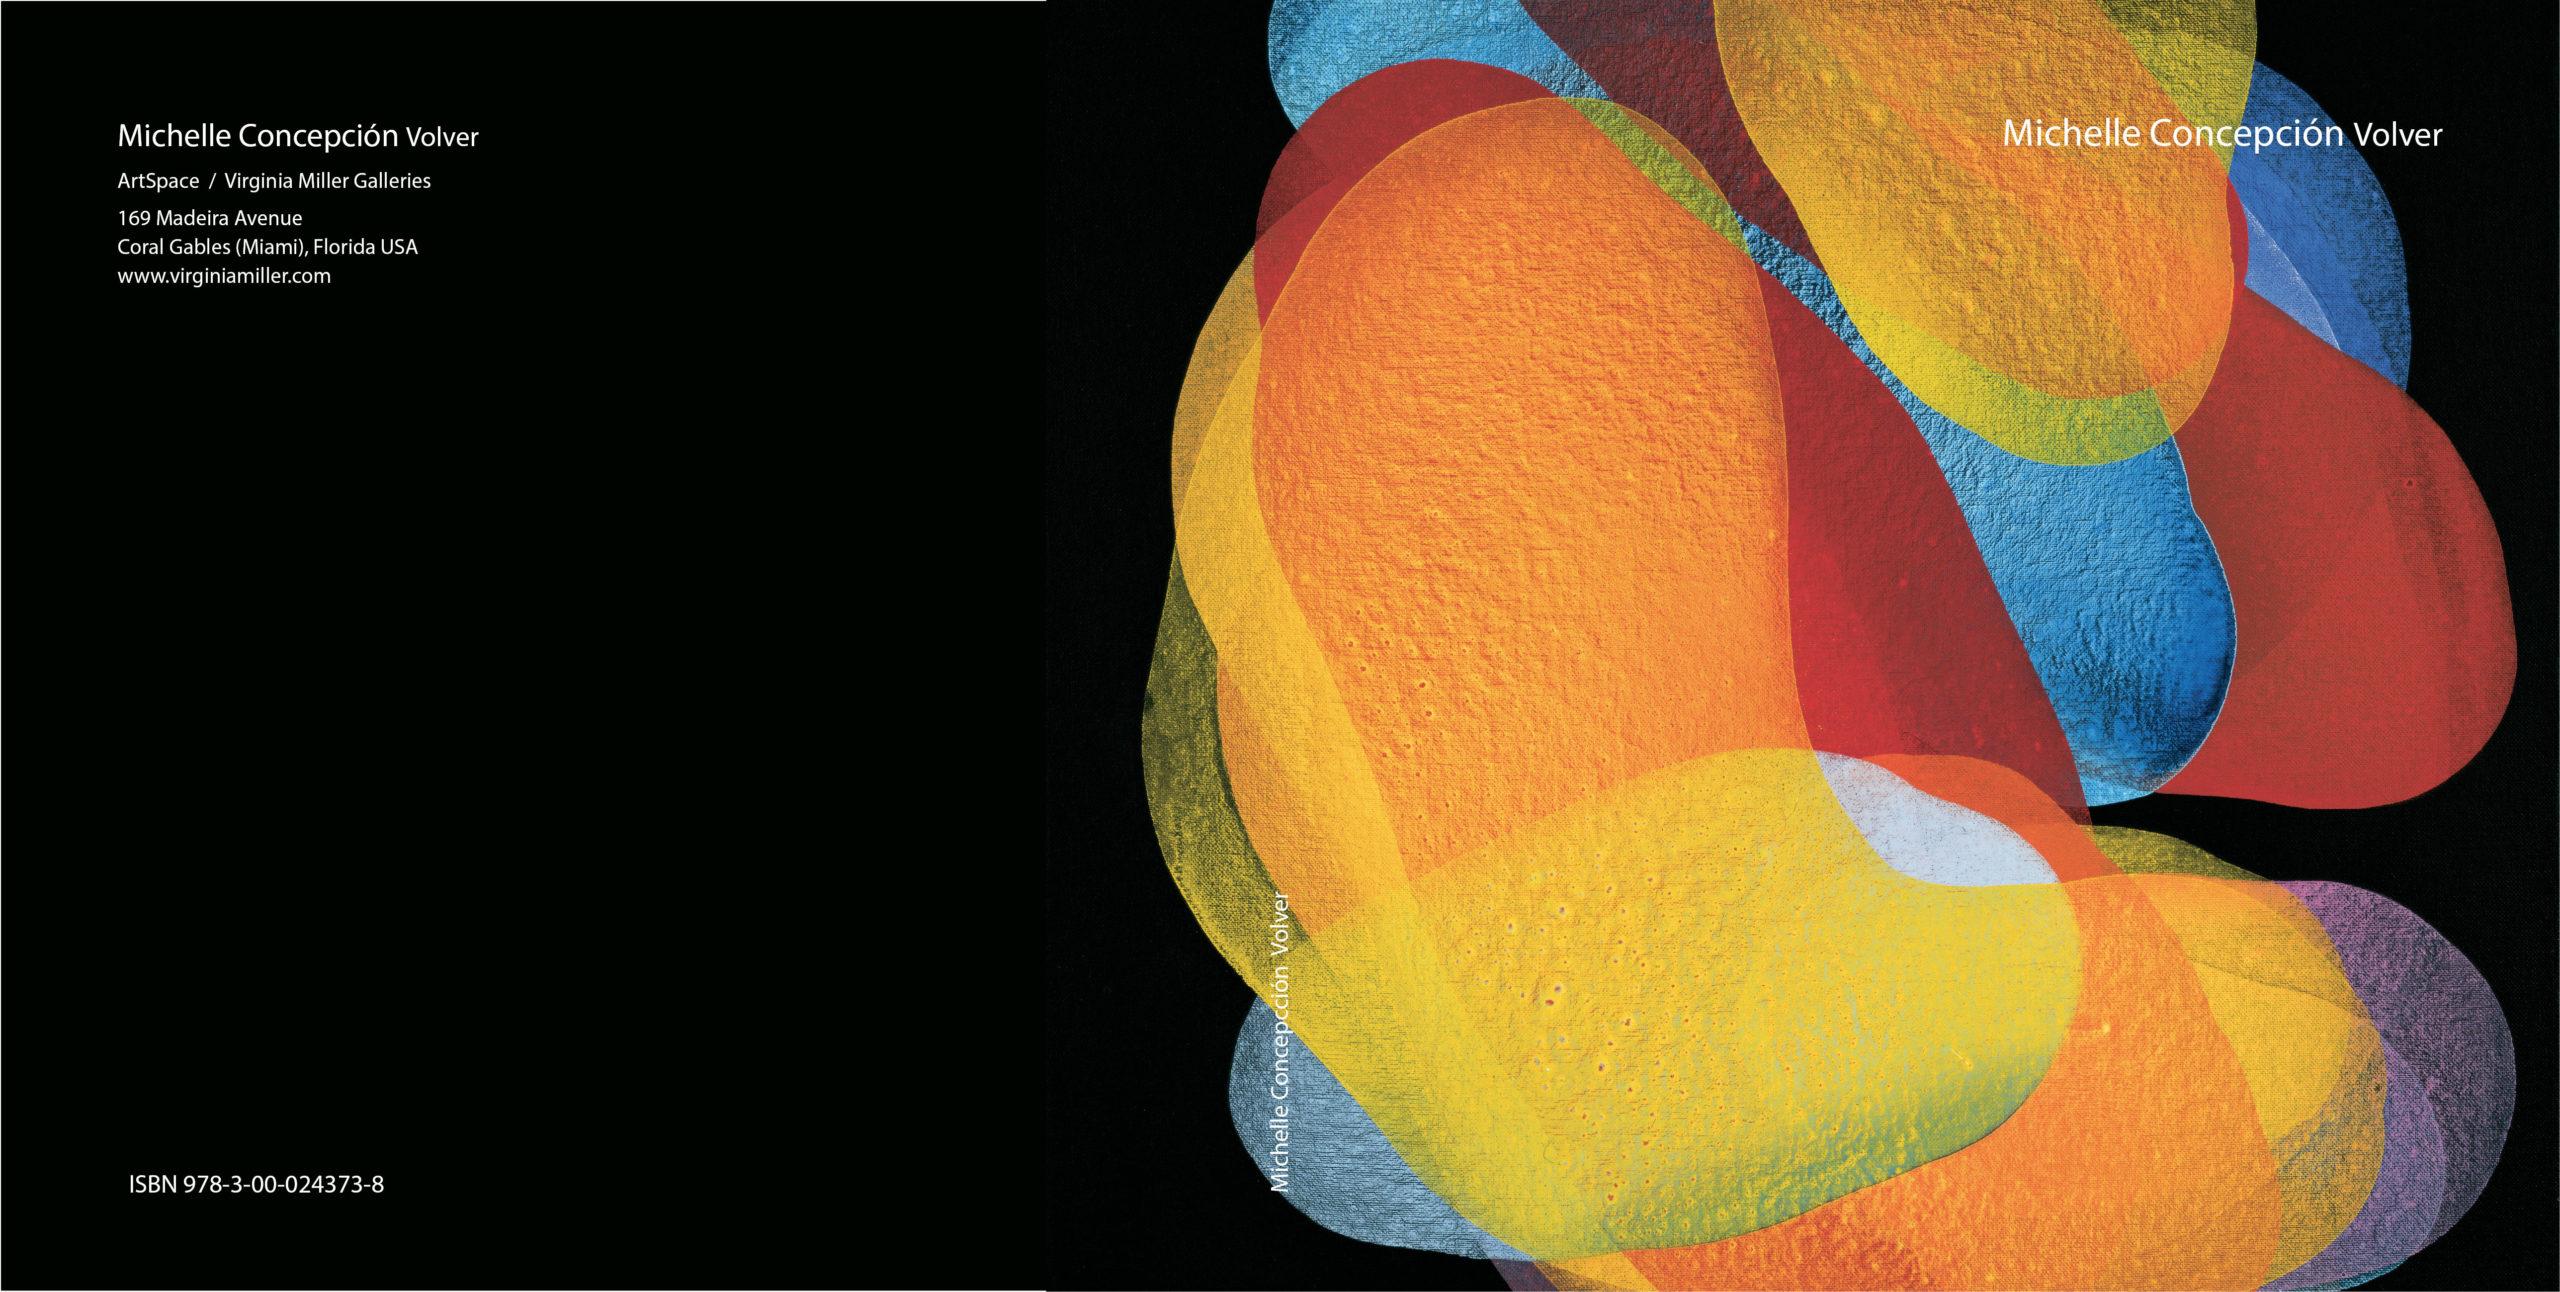 Michelle Concepción, Cover of exhibition catalogue: Volver